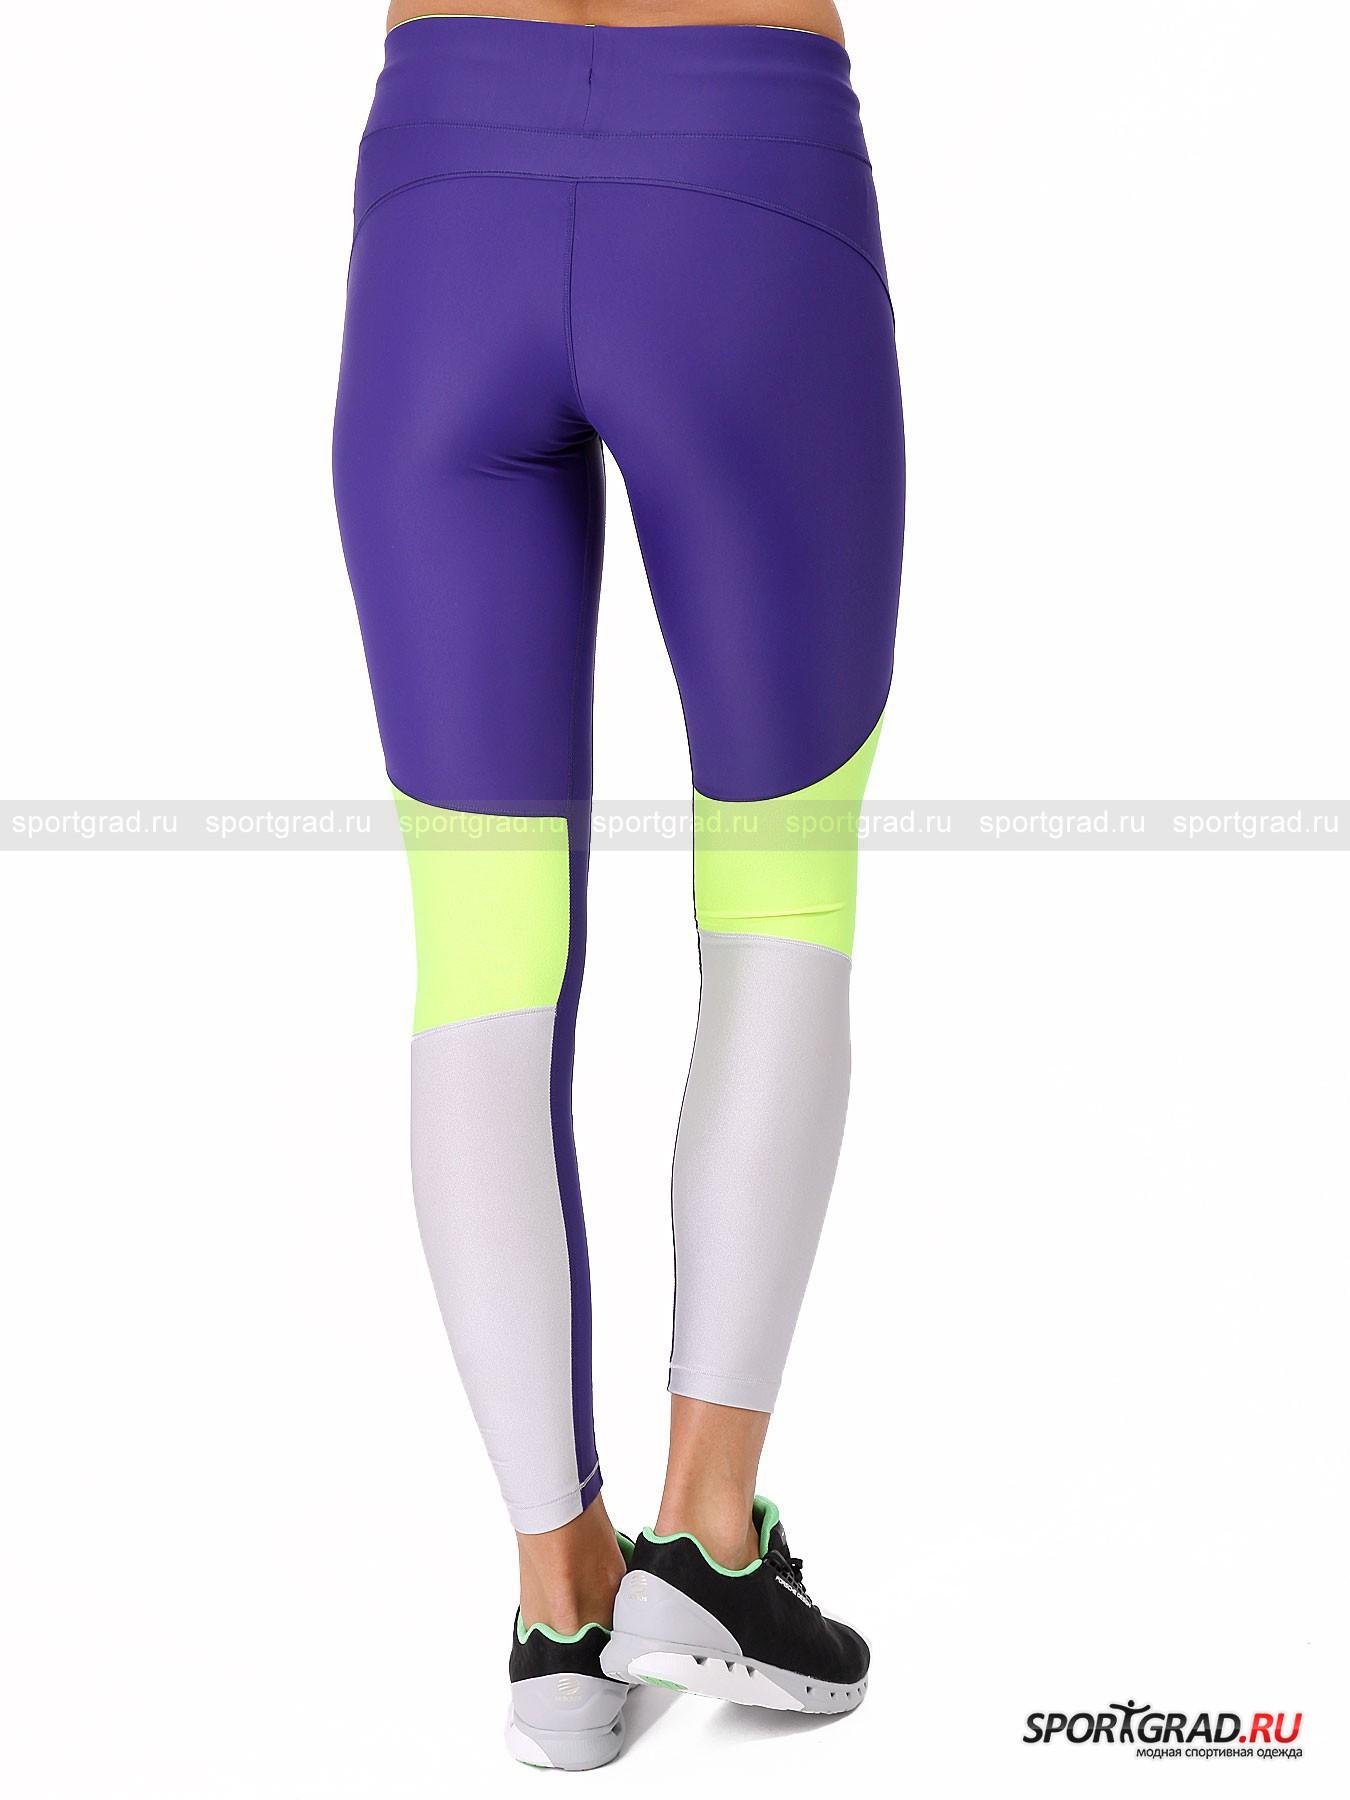 Леггинсы женские Split 7/8 Tights CASALLЛеггинсы, Рейтузы<br>Шведский бренд Casall производит высококлассную и невероятно привлекательную одежду для спорта, способную удовлетворить самый взыскательный вкус. Выбирая экипировку от Casall, вы всегда будете выглядеть превосходно и чувствовать себя так же.<br><br>Укороченные леггинсы  Split 7/8 Tights Casall выполнены в интересной и популярной сейчас технике color block. Эффектное решение, которое добавит цвета вашим тренировкам и хорошего настроения и вам, и окружающим. Эластичный материал обтягивает ноги, обеспечивая свободу движений и превосходное влагоотведение. <br><br>Особенности модели:<br>- уменьшенная длина;<br>- широкий пояс с внутренней кулиской;<br>- чуть блестящий материал;<br>- рельефные швы;<br>- надпись Casall на левой штанине.<br><br>Пол: Женский<br>Возраст: Взрослый<br>Тип: Леггинсы, Рейтузы<br>Рекомендации по уходу: стирка в теплой воде до 40 С; не отбеливать; гладить слегка нагретым утюгом (температура до 110 C); щадящая сухая чистка; нельзя выжимать и сушить в стиральной машине<br>Состав: 78% полиамид, 22% эластан; 80% полиамид, 20% эластан